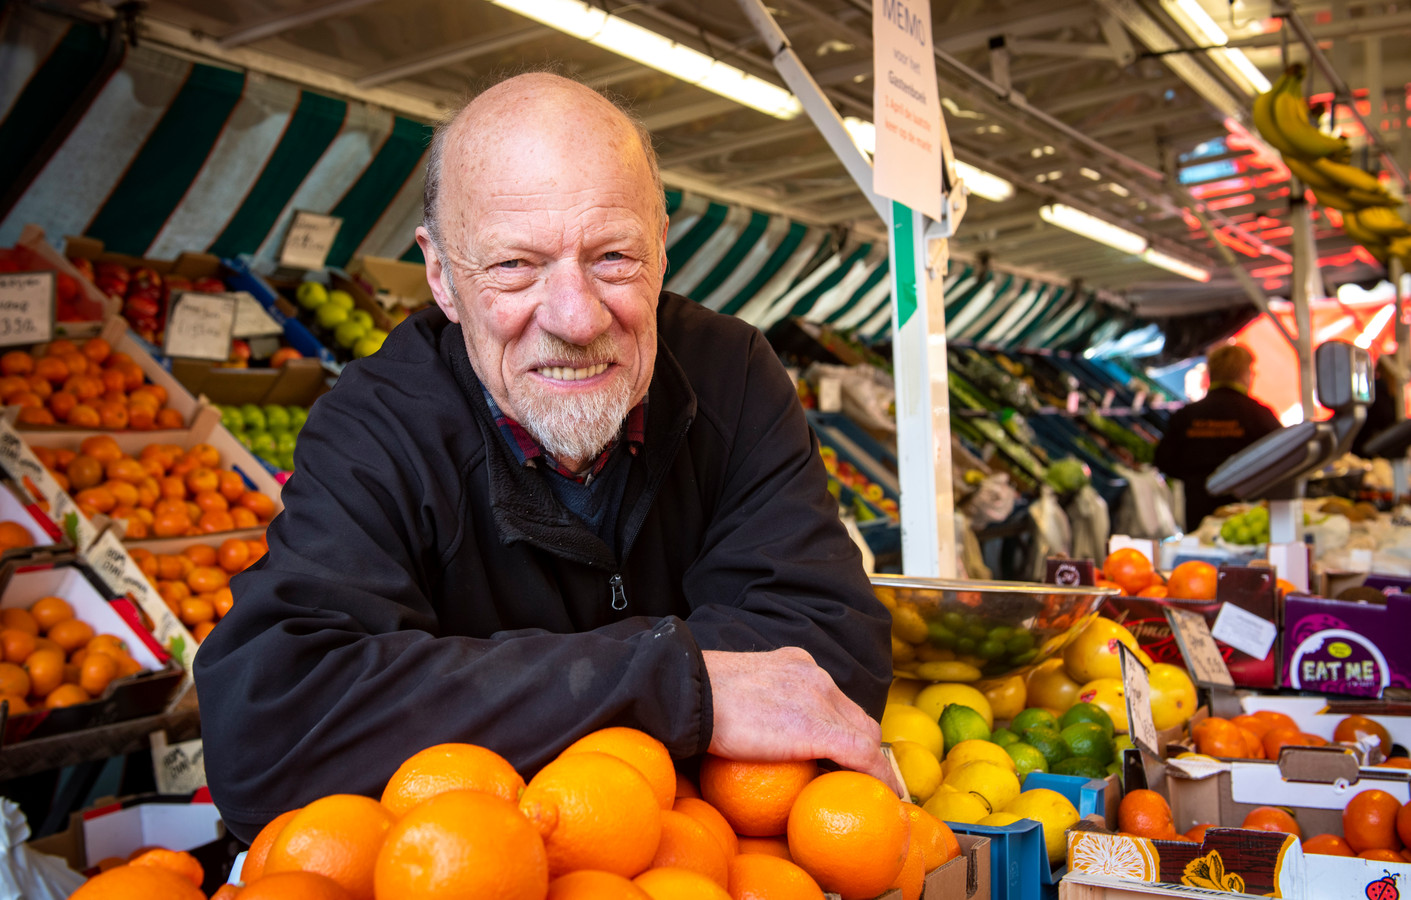 Eef Klaassen in zijn kraam op de Zutphense Groenmarkt. Vanaf zijn zeventiende was hij ruim een halve eeuw marktkoopman. ,,Mijn vader verkocht groente en fruit op de markt en stierf kort voor zijn 50ste verjaardag. Dat was een zware klap en ik voelde me min of meer verplicht om zijn werk voort te zetten.''